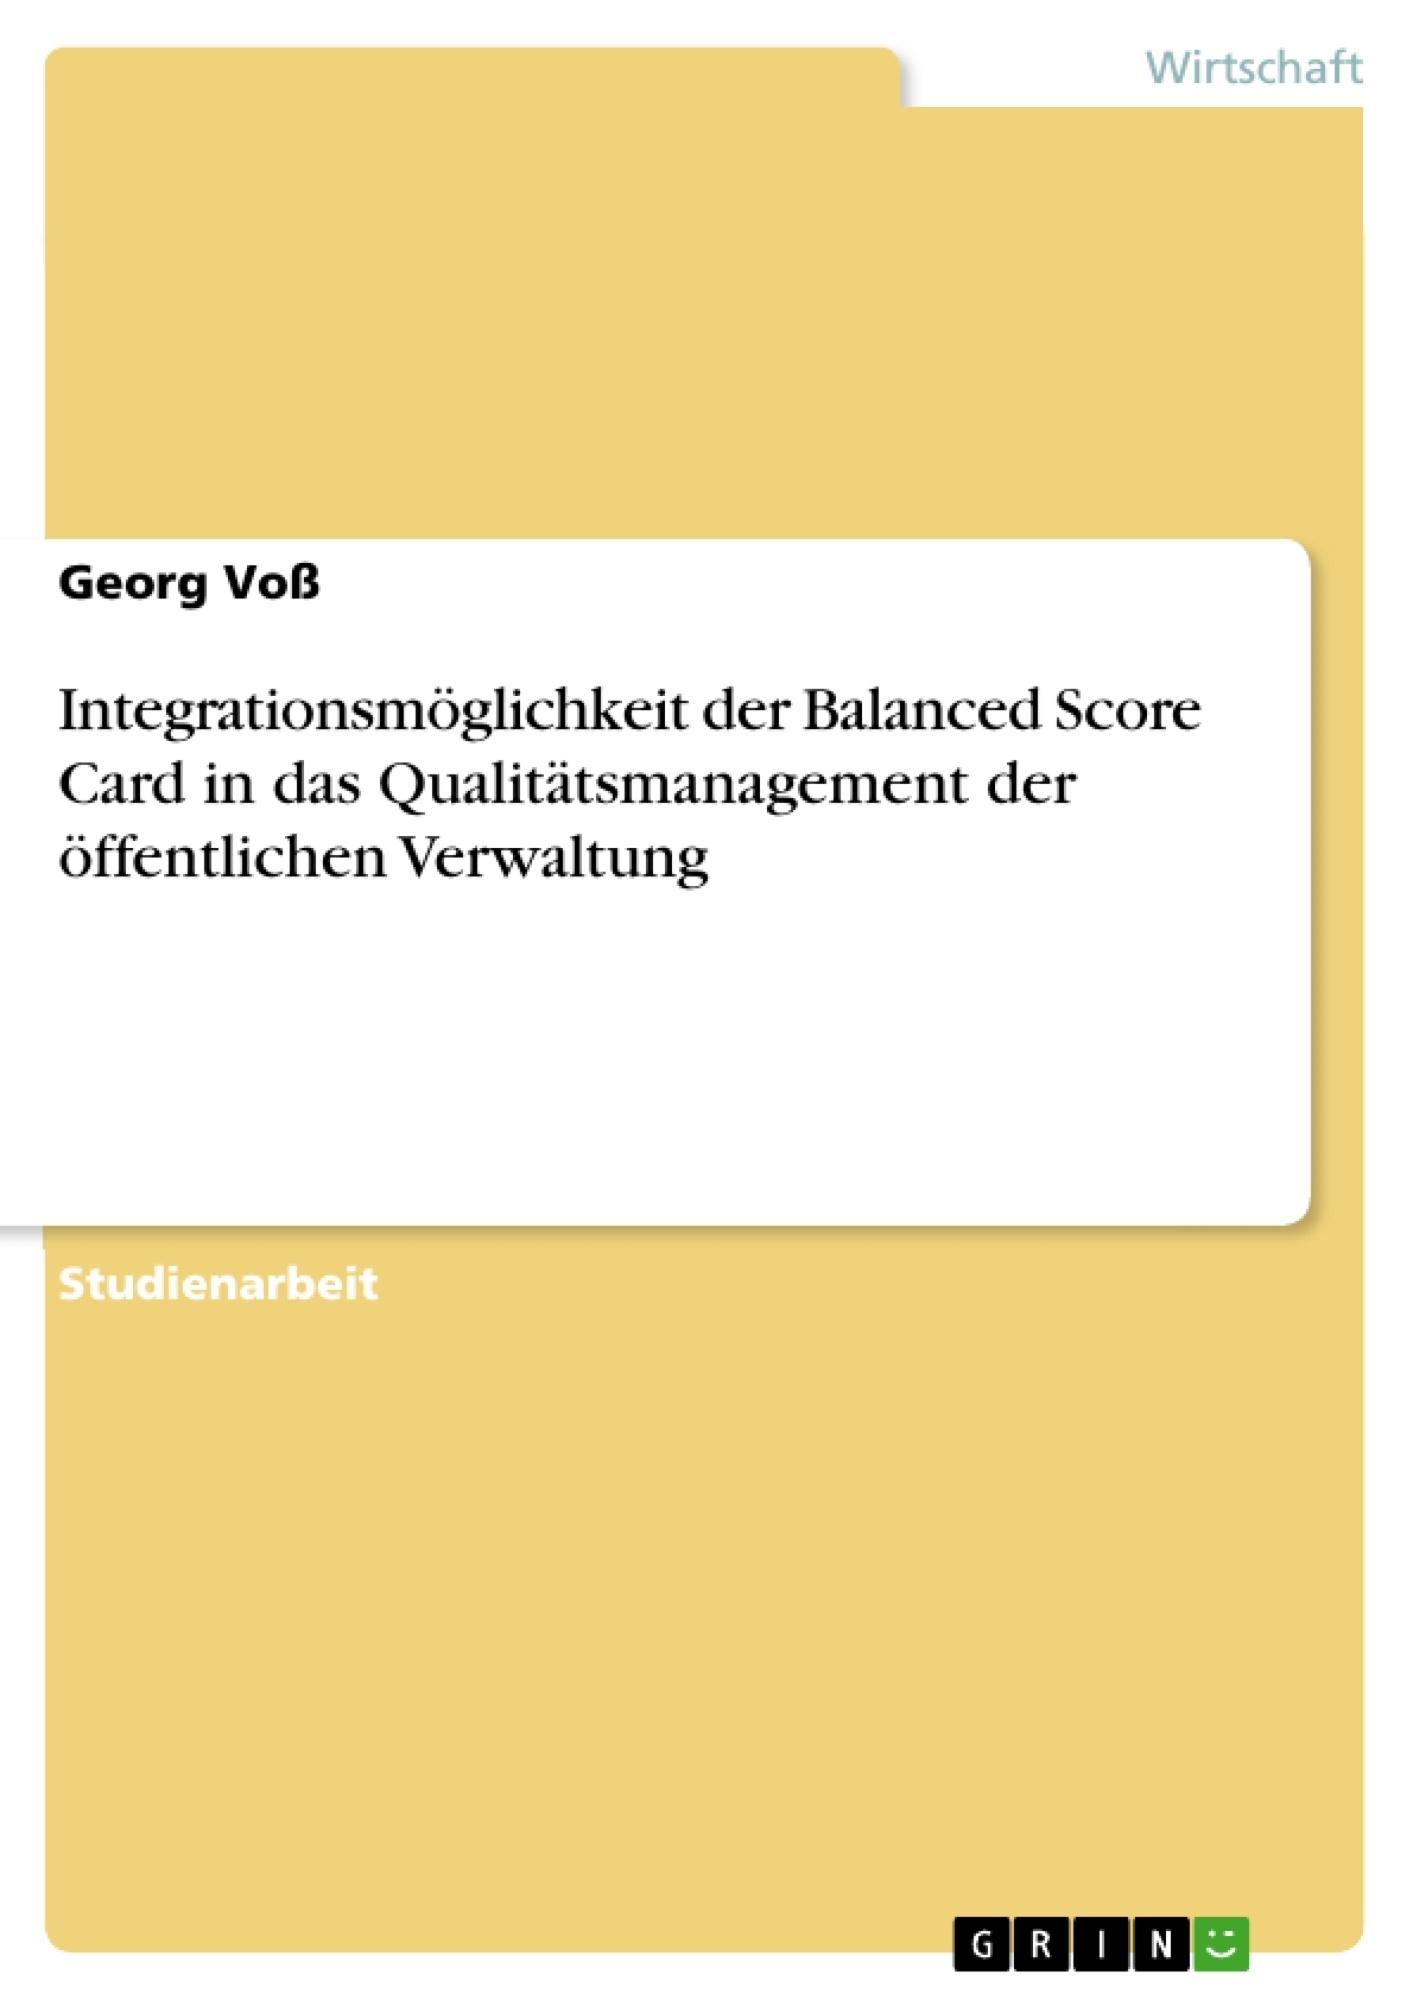 Titel: Integrationsmöglichkeit der Balanced Score Card in das Qualitätsmanagement der öffentlichen Verwaltung